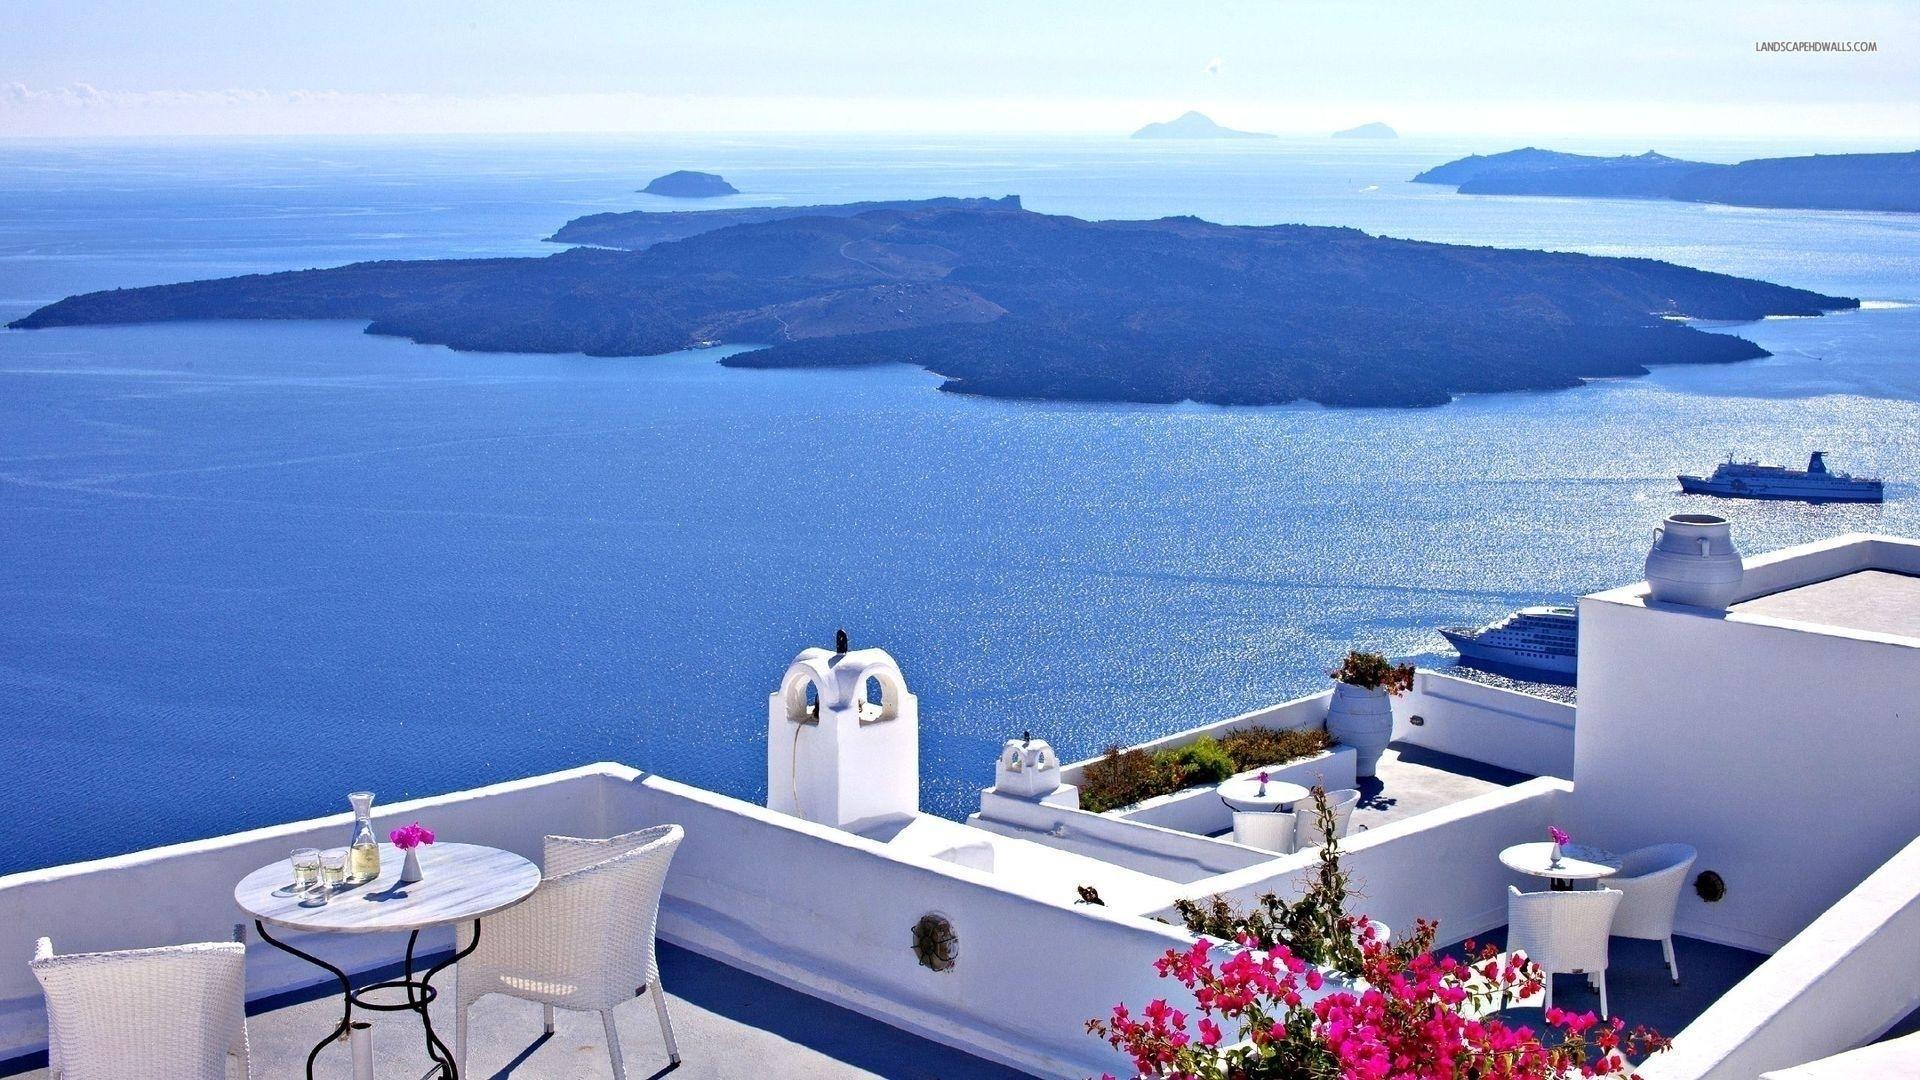 Santorini wallpaper picture hd